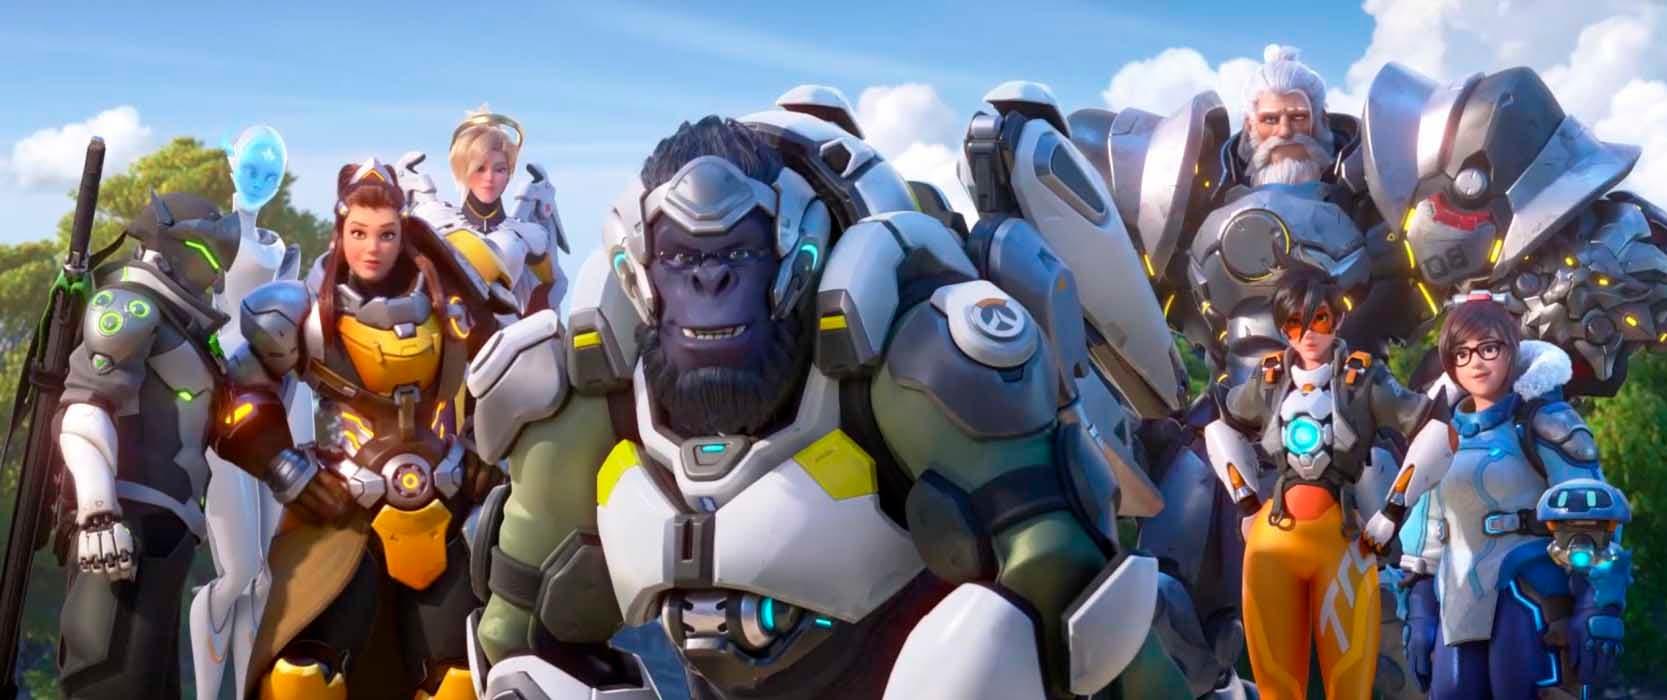 Así han evolucionado los héroes de Overwatch 2 en su diseño